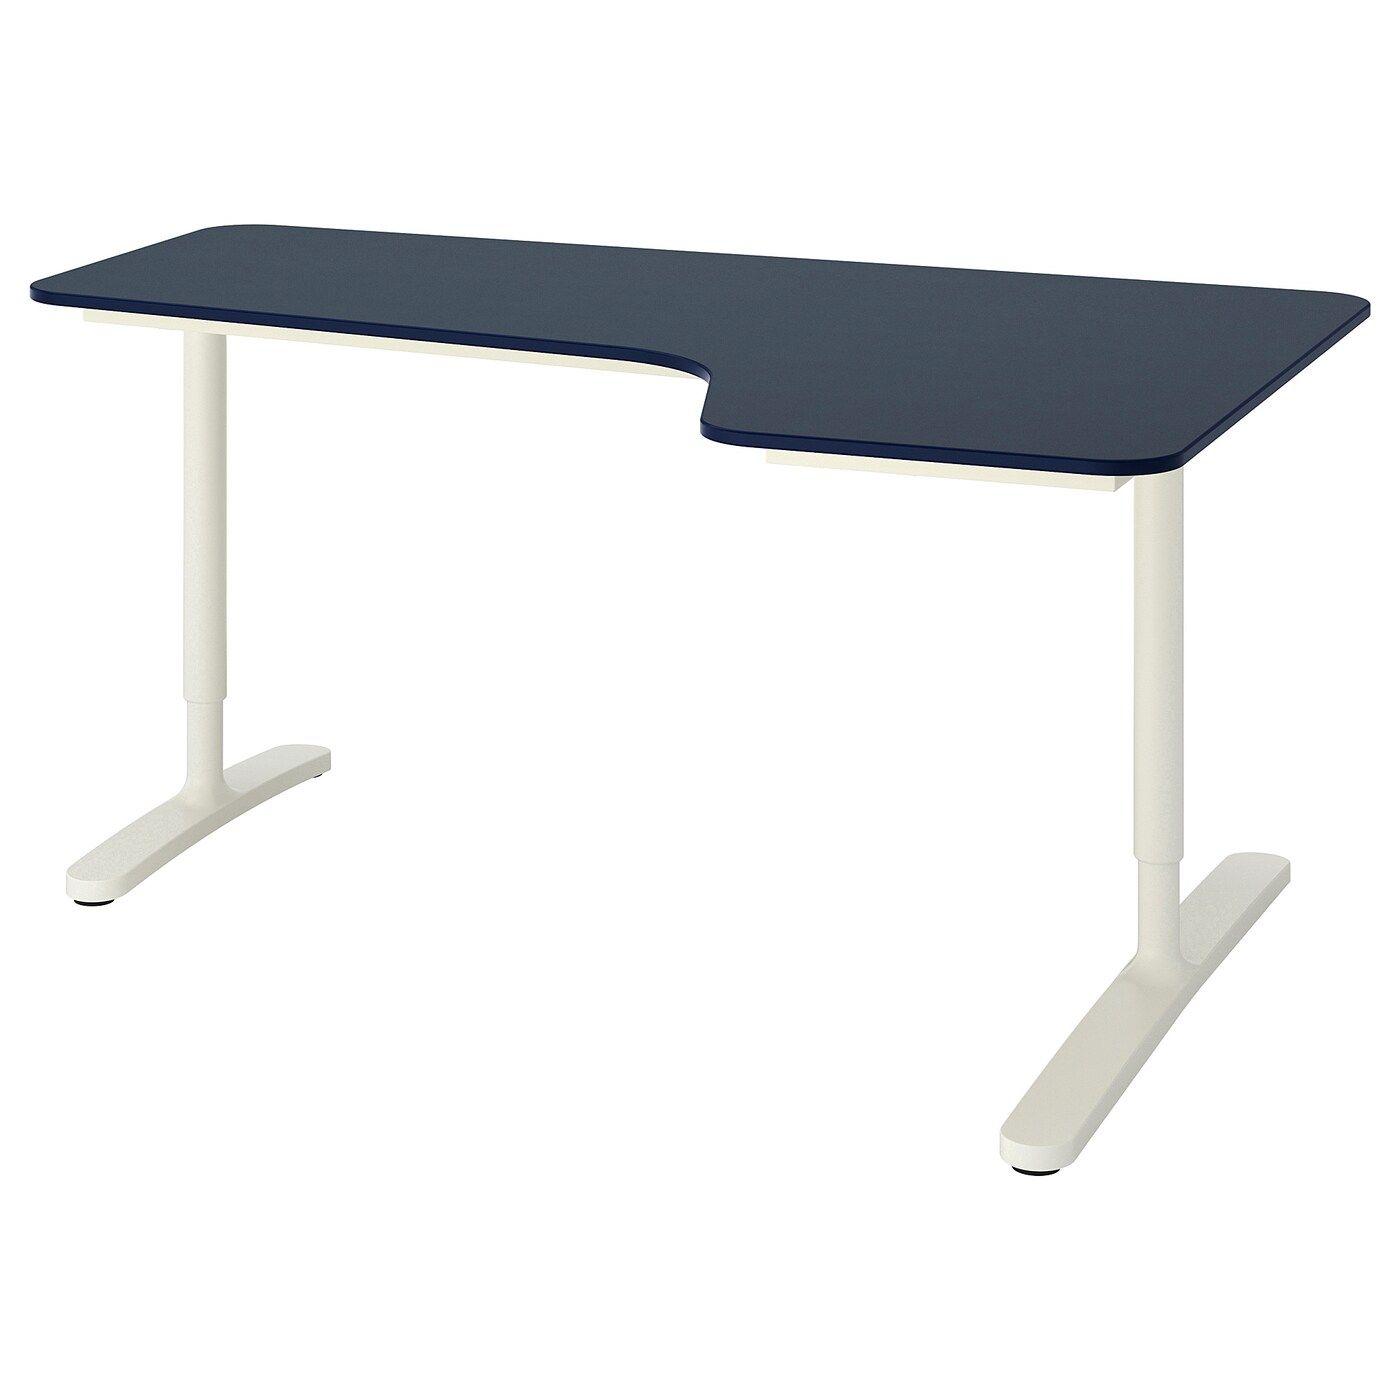 Bekant Hoekbureau Rechts In 2020 Ikea Ikea Bekant Corner Table